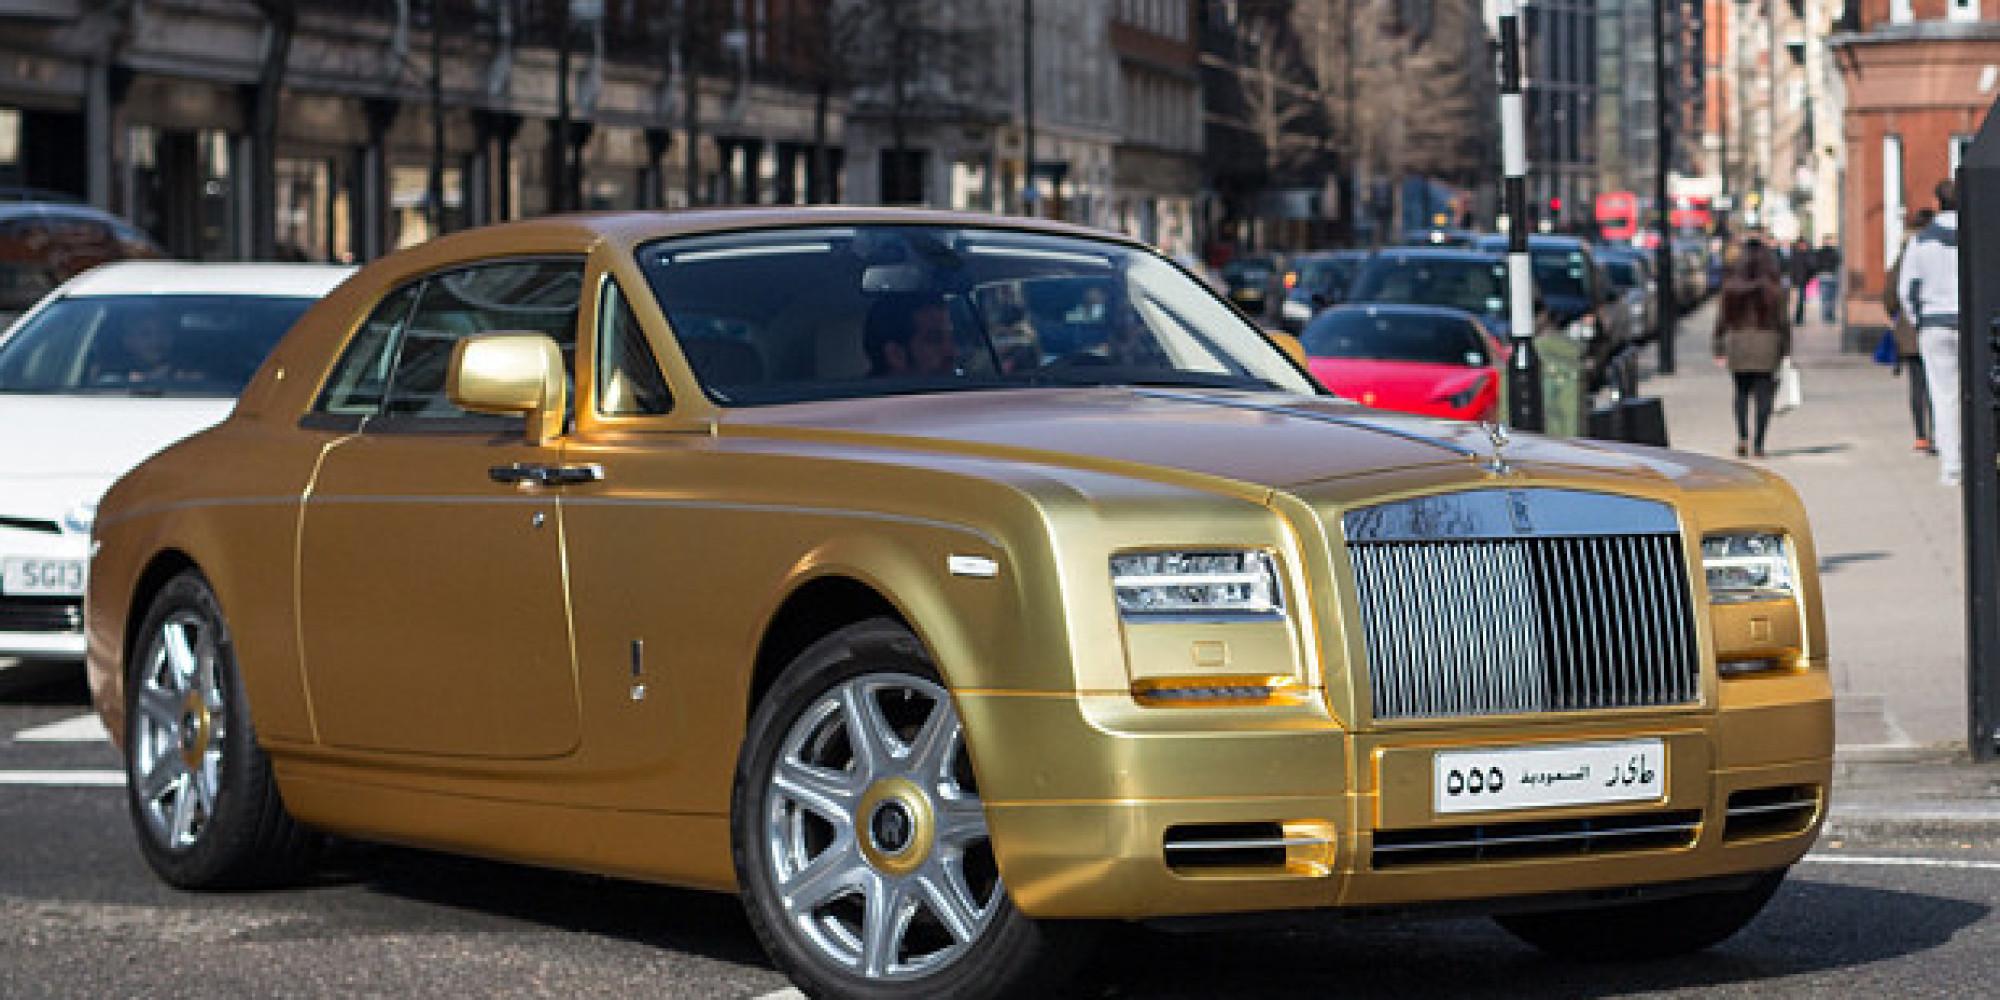 un touriste saoudien d barque londres avec des voitures de luxe dor es. Black Bedroom Furniture Sets. Home Design Ideas